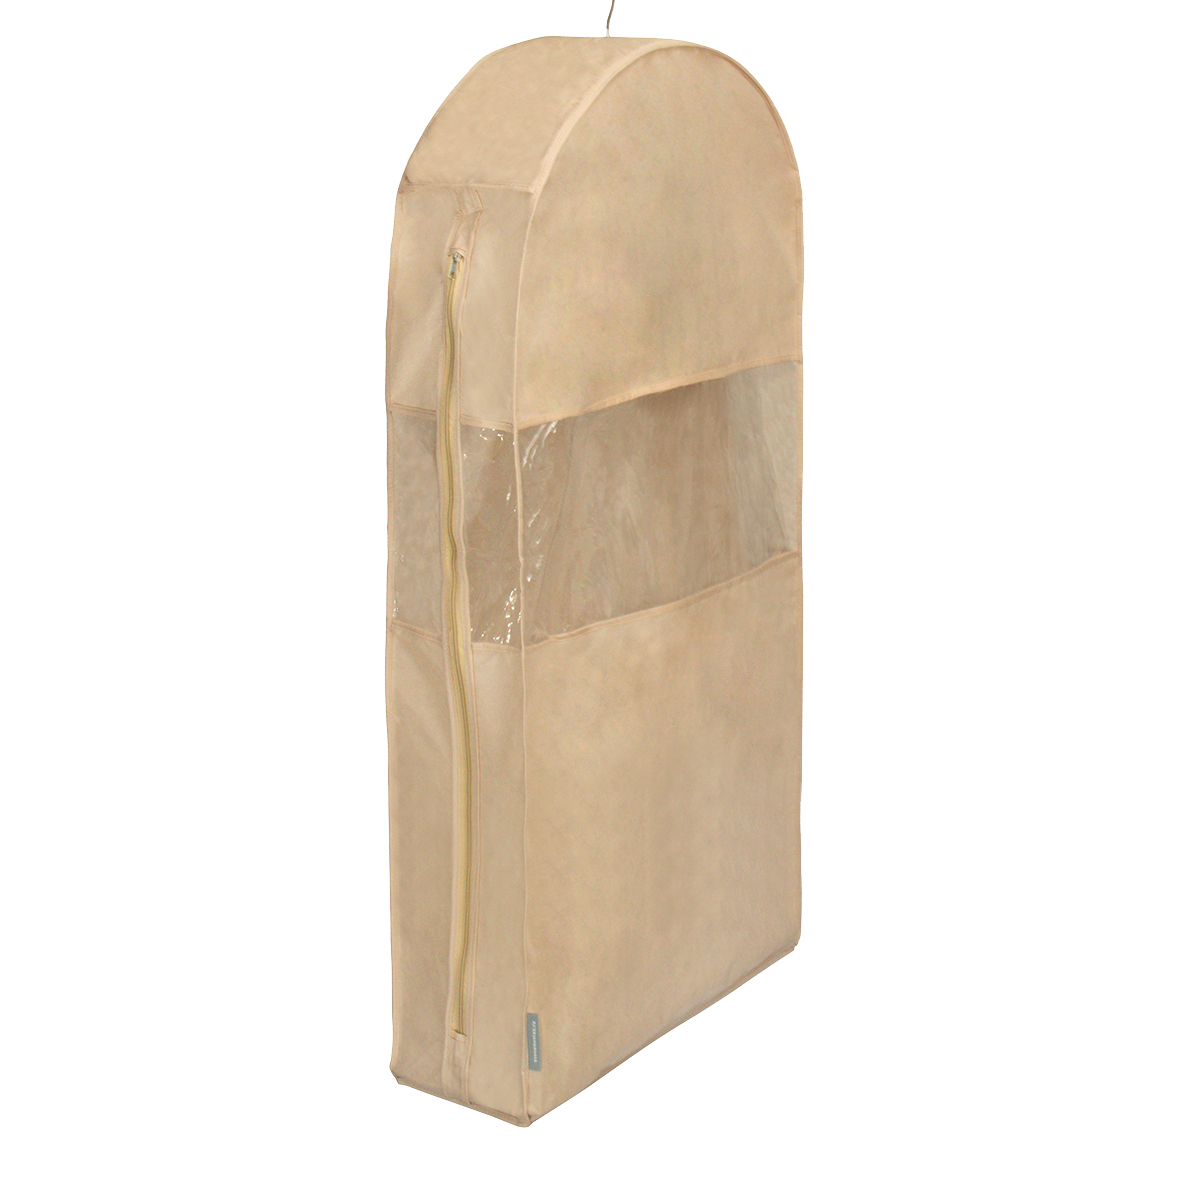 Чехол для шуб LUX длинный 130х60х18 см, Каир